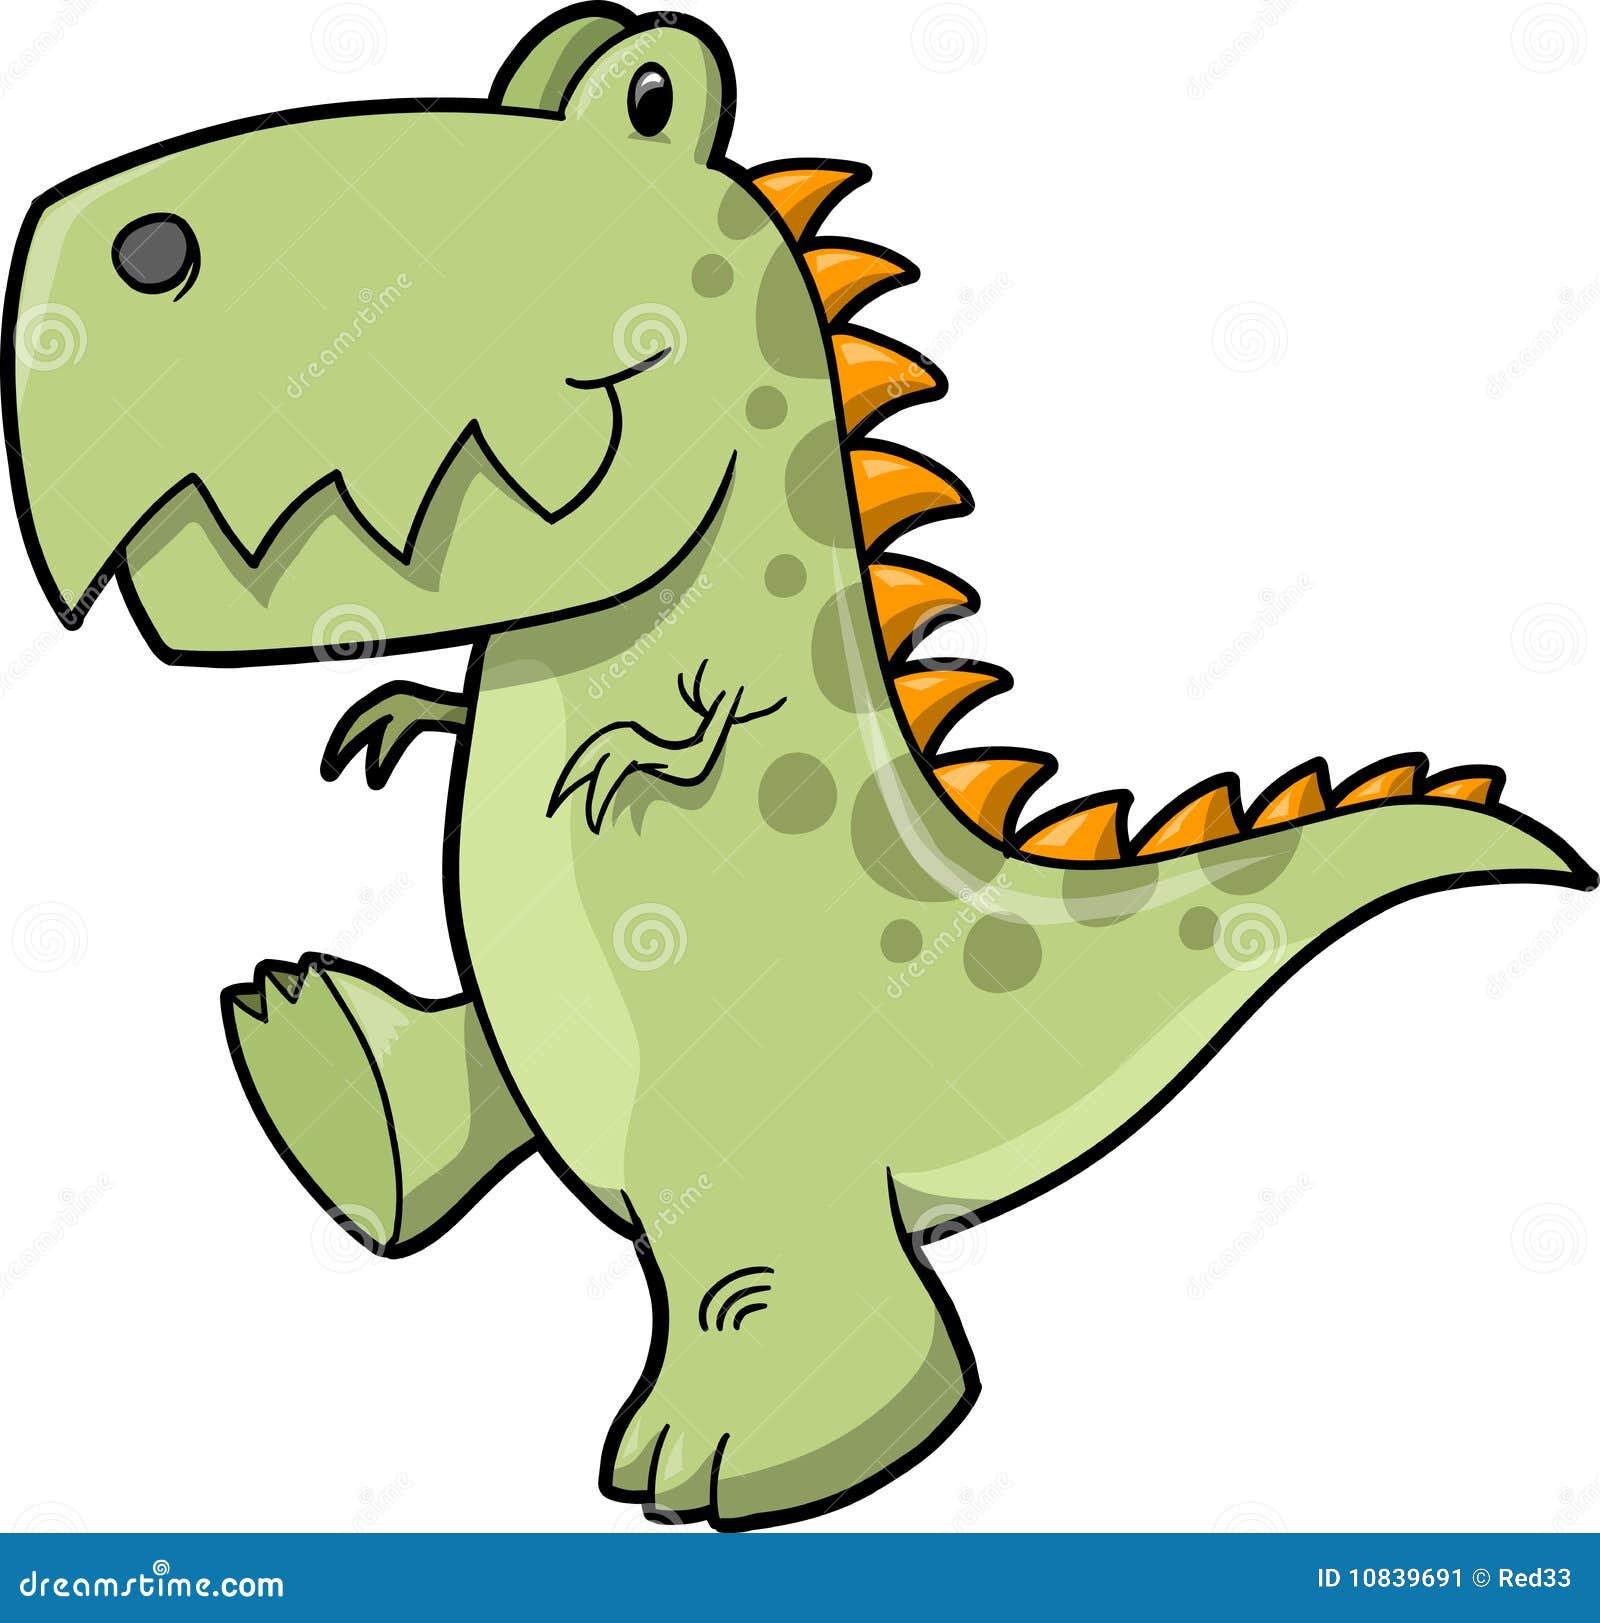 tyrannosaurus dinosaur vector illustration stock image - image